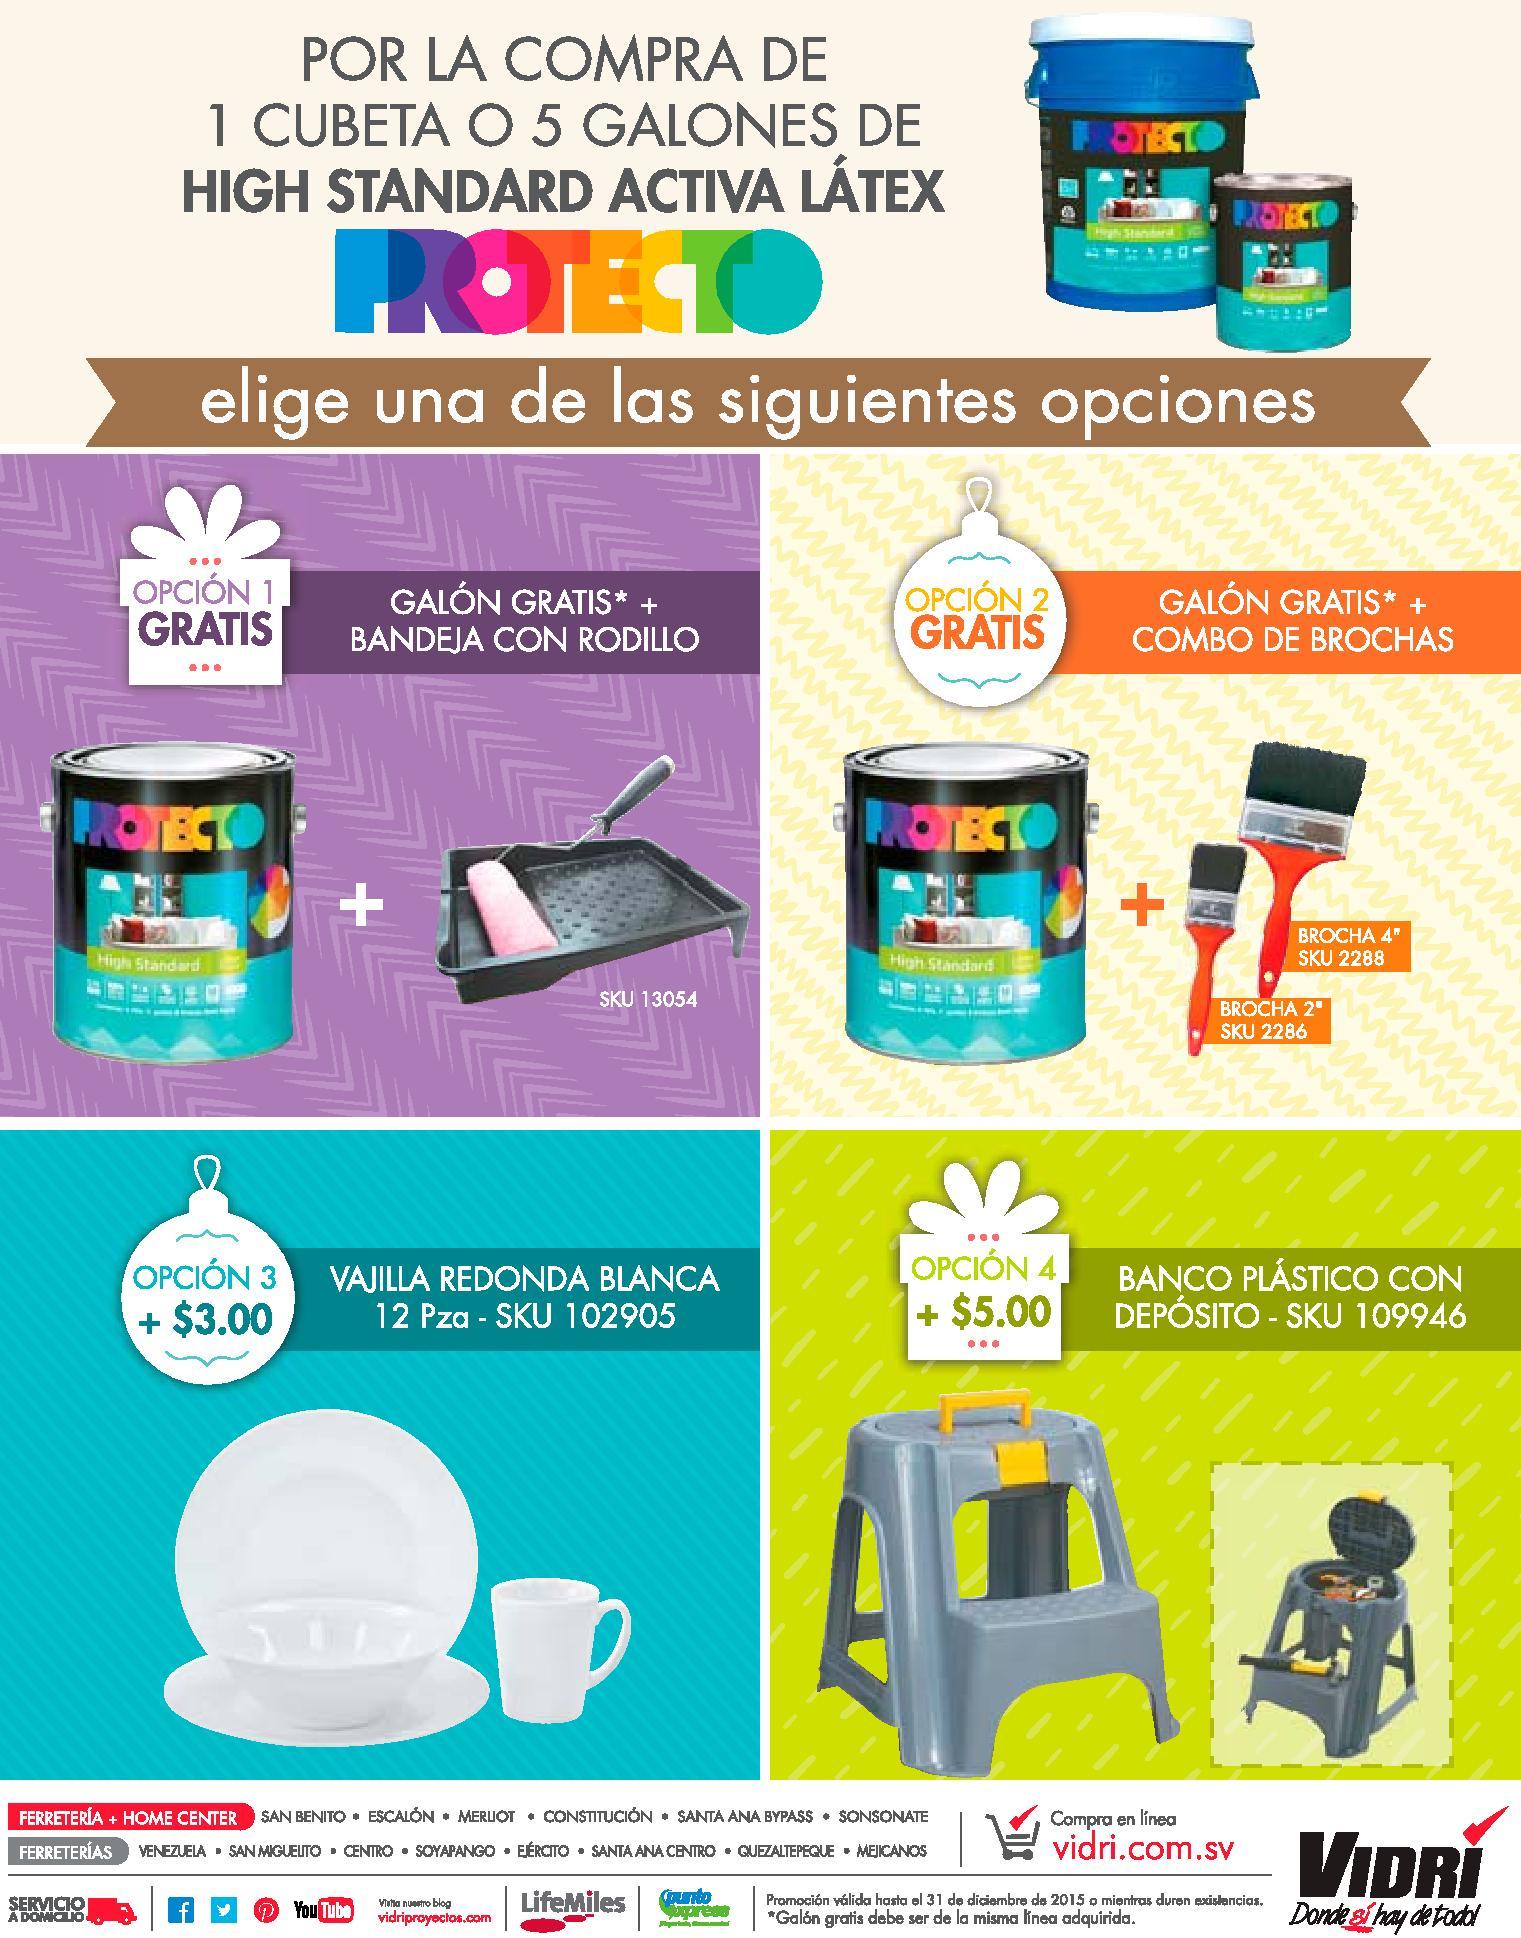 Promociones por la compra de pintura PROtECtO high standard activa latex